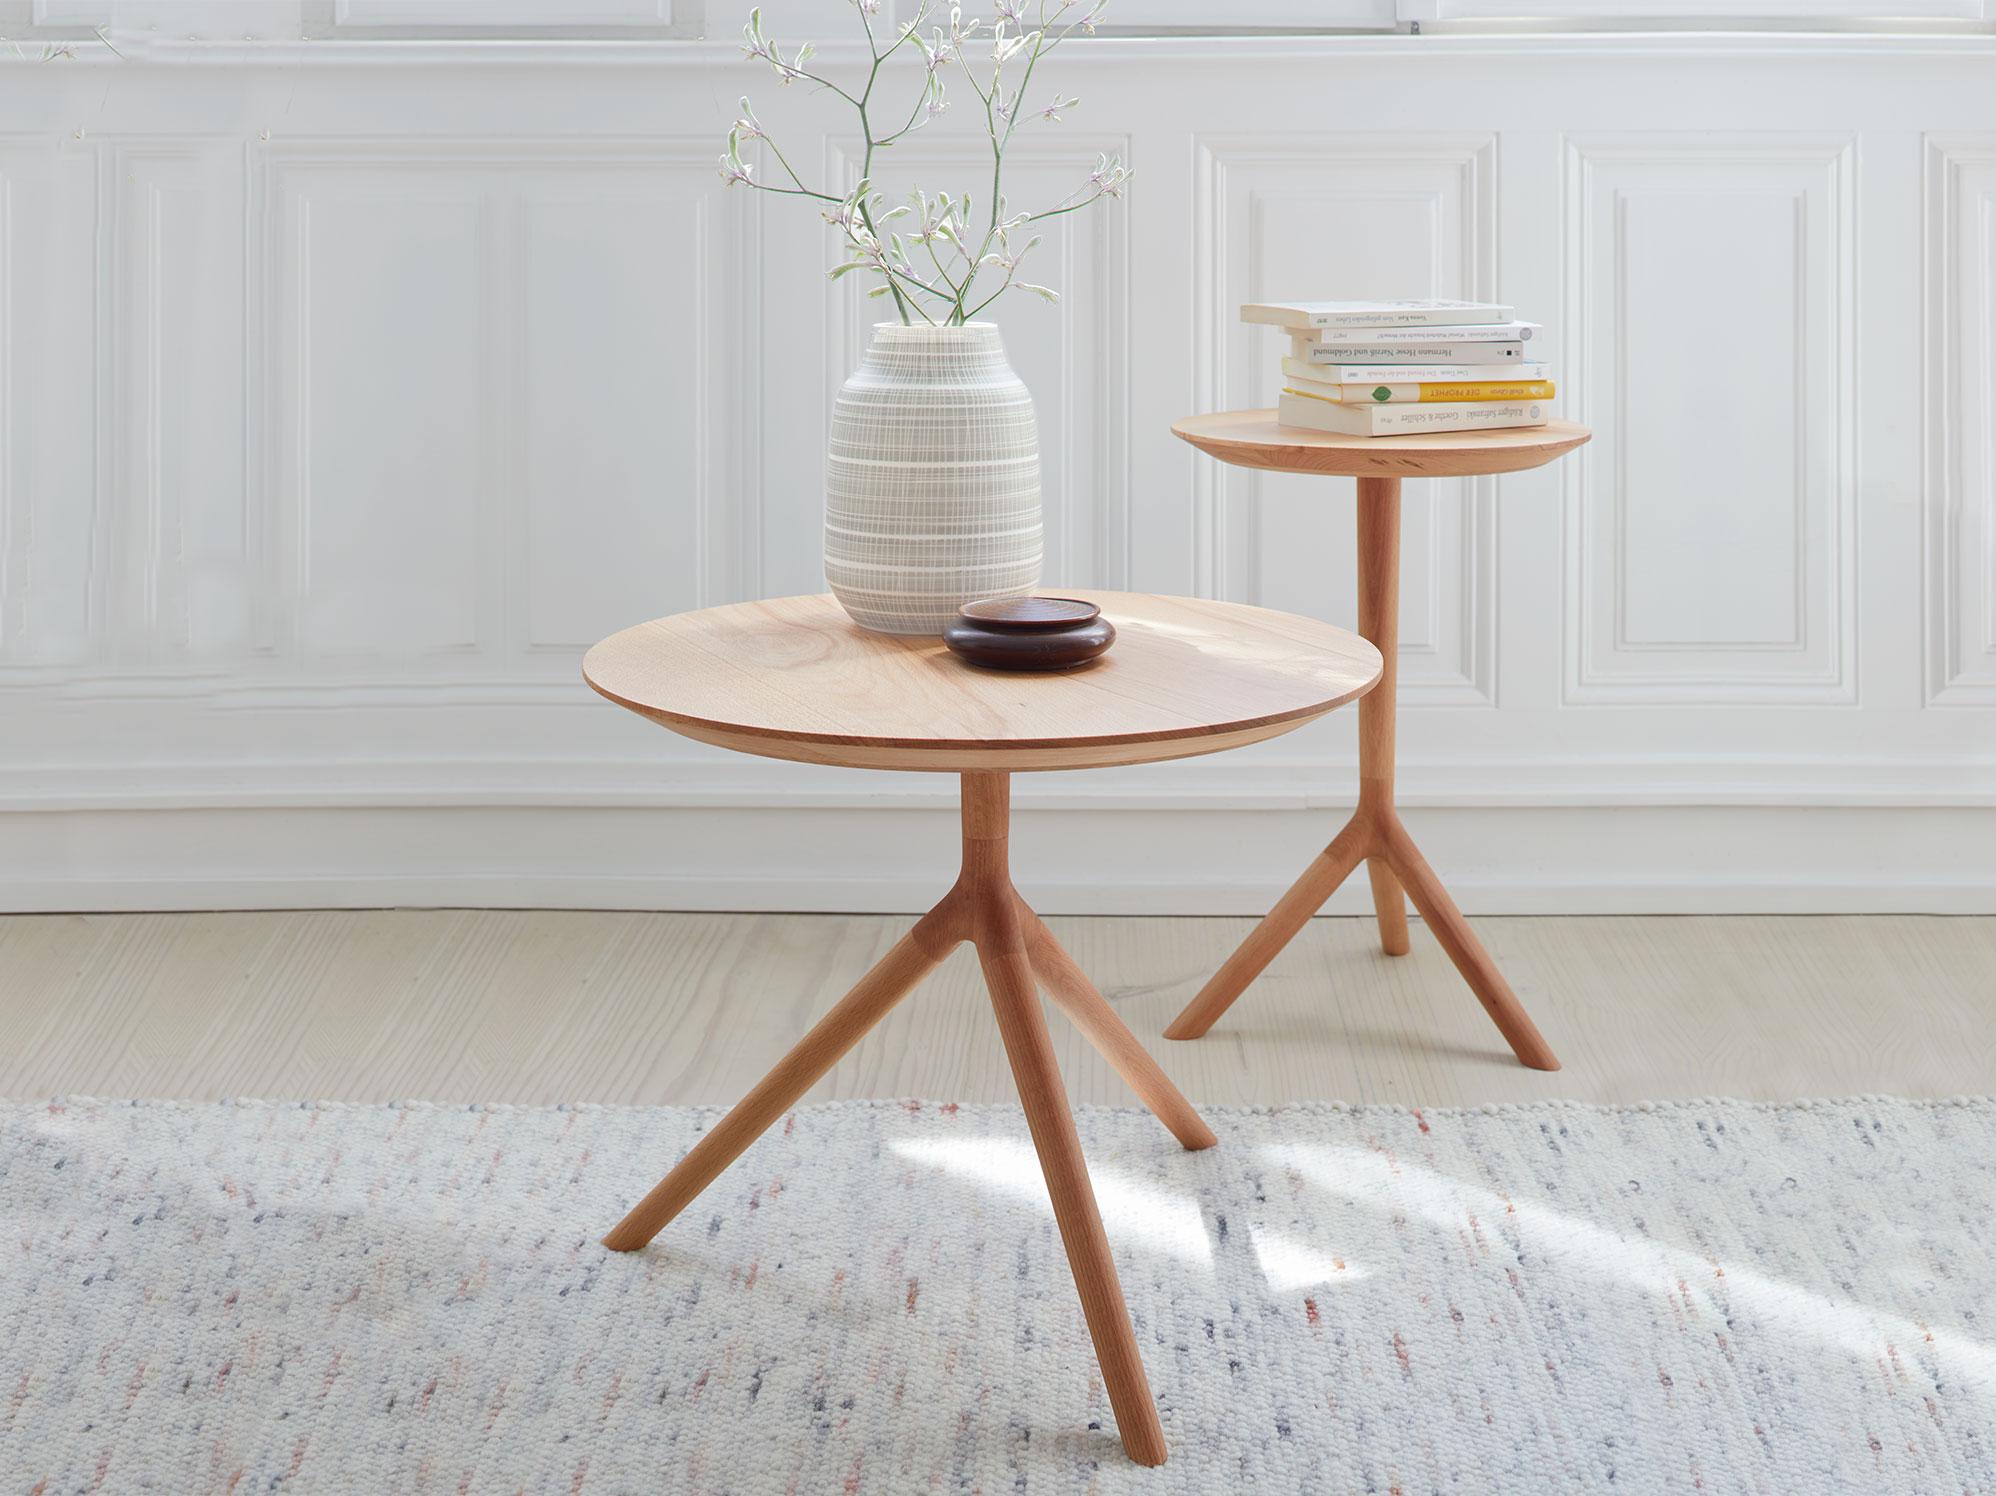 beistelltisch buche rund icnib. Black Bedroom Furniture Sets. Home Design Ideas